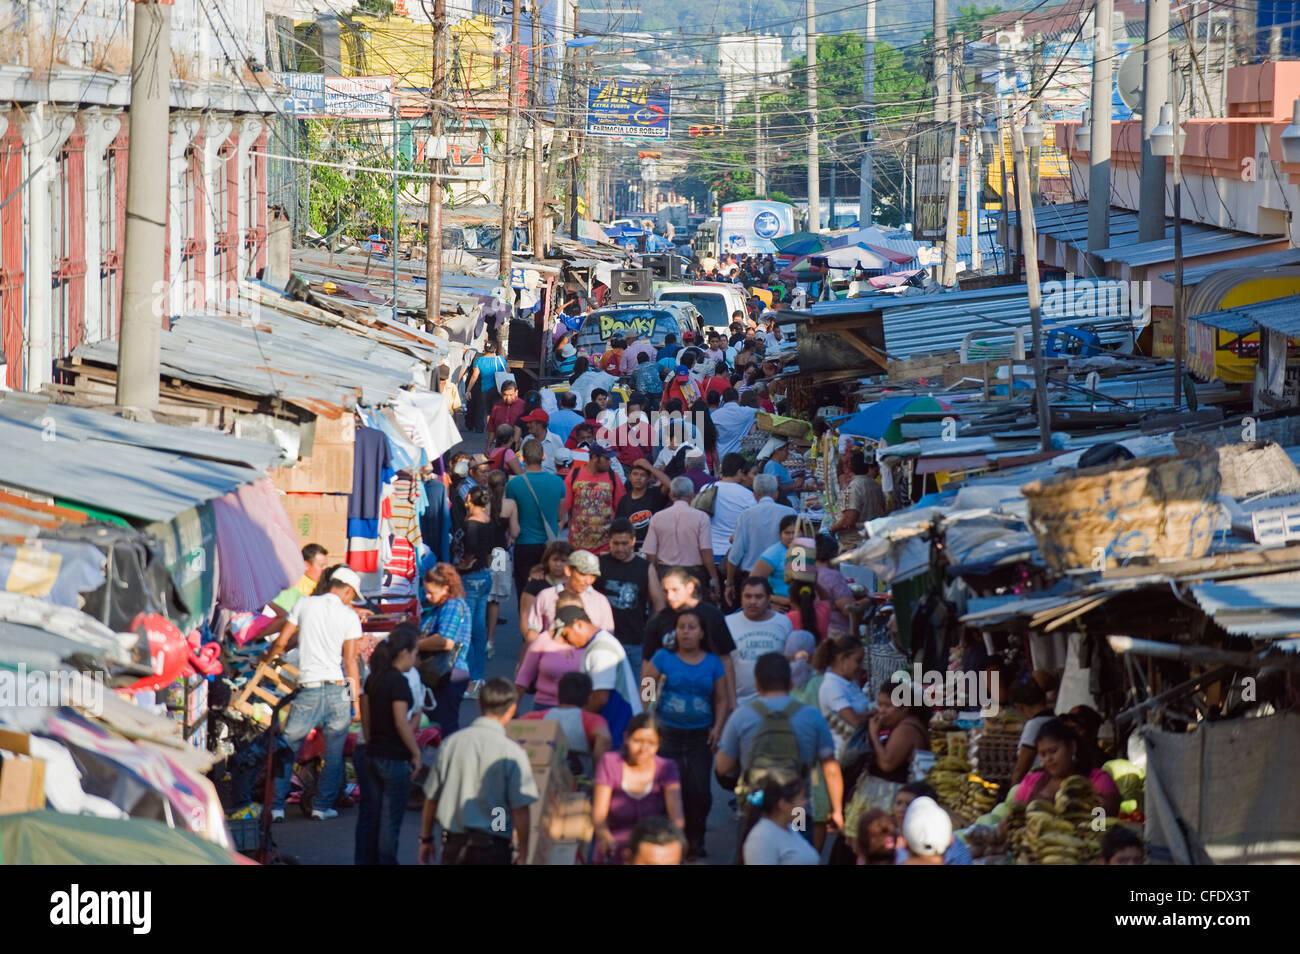 Street market, San Salvador, El Salvador, Central America Stock Photo